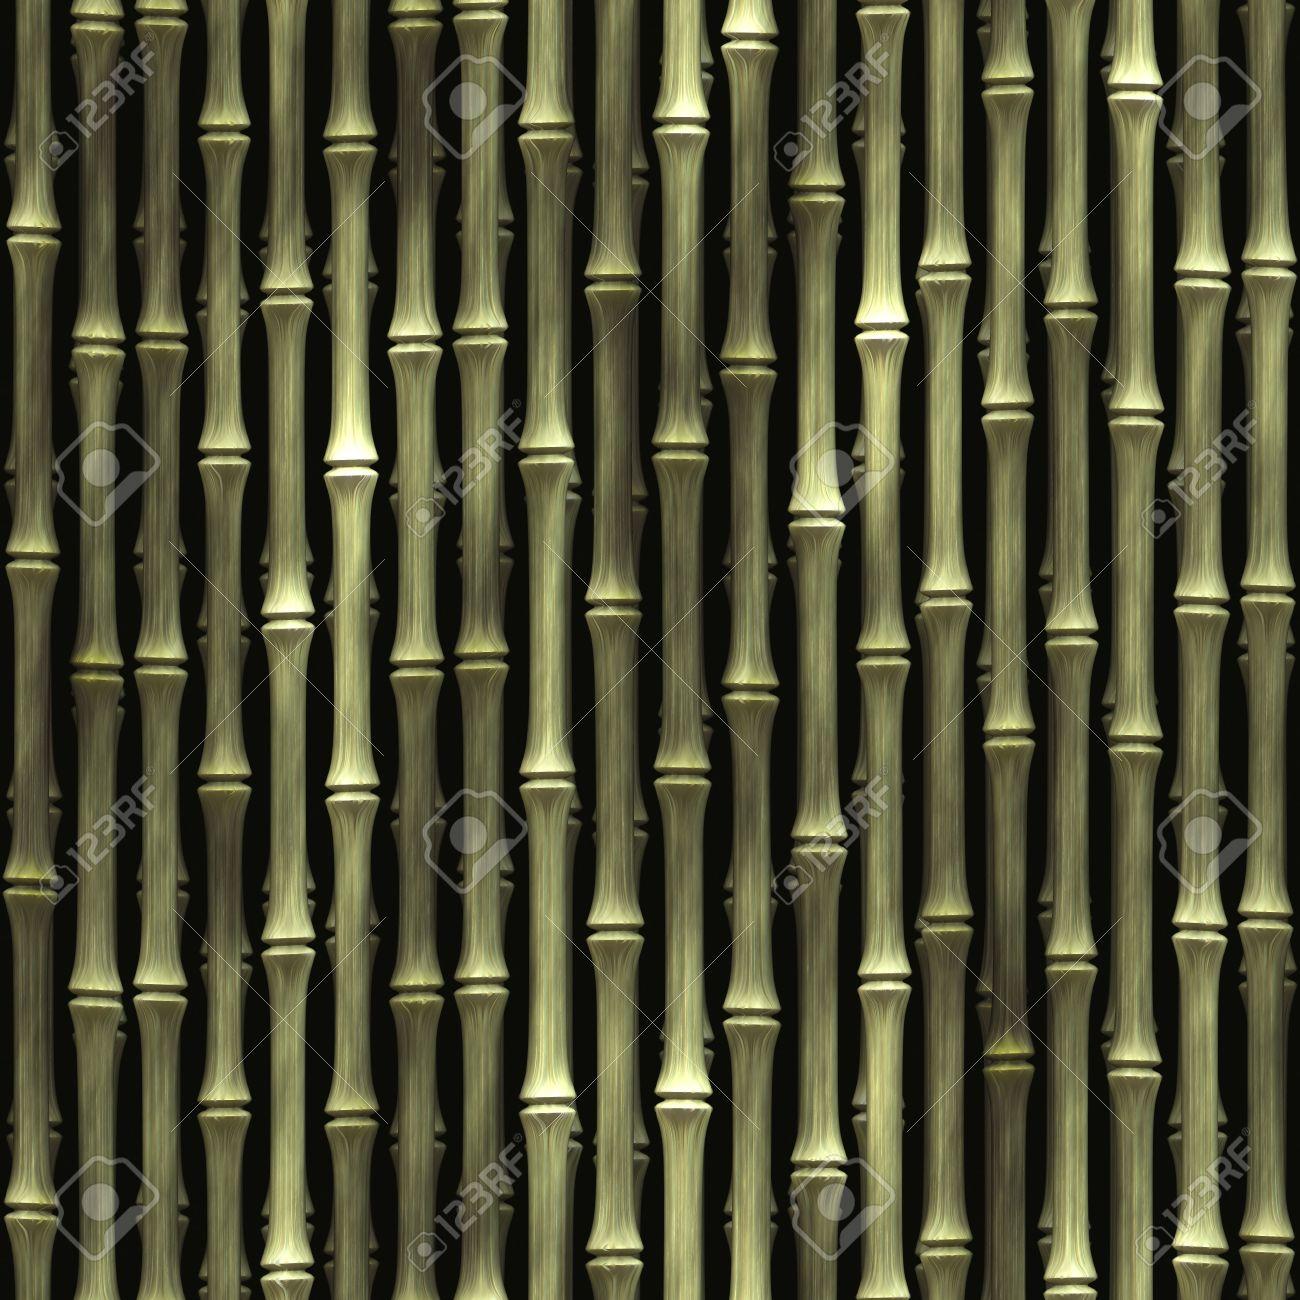 Usine De Bambou Decoule De Papier Peint Fond Transparent De